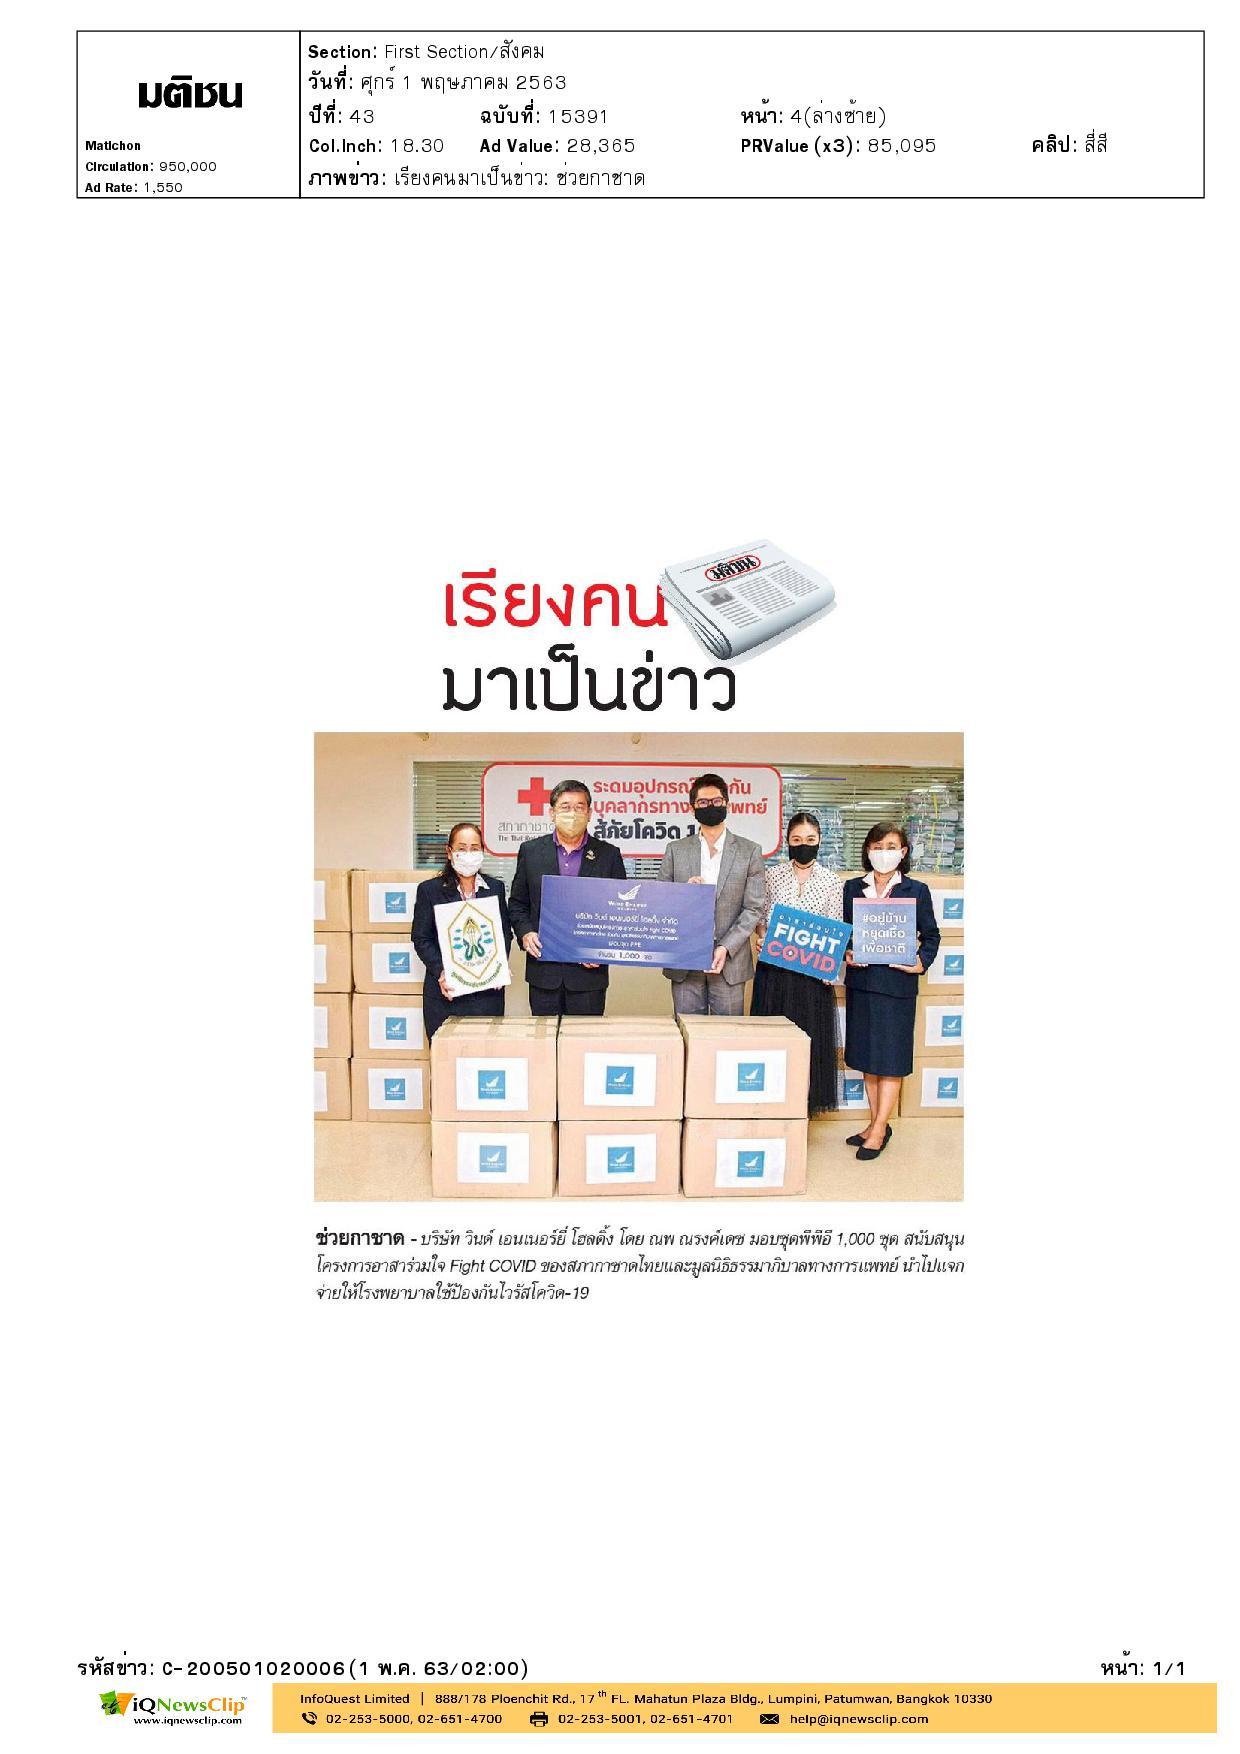 โครงการอาสาร่วมใจ Fight COVID ของสภากาชาดไทย